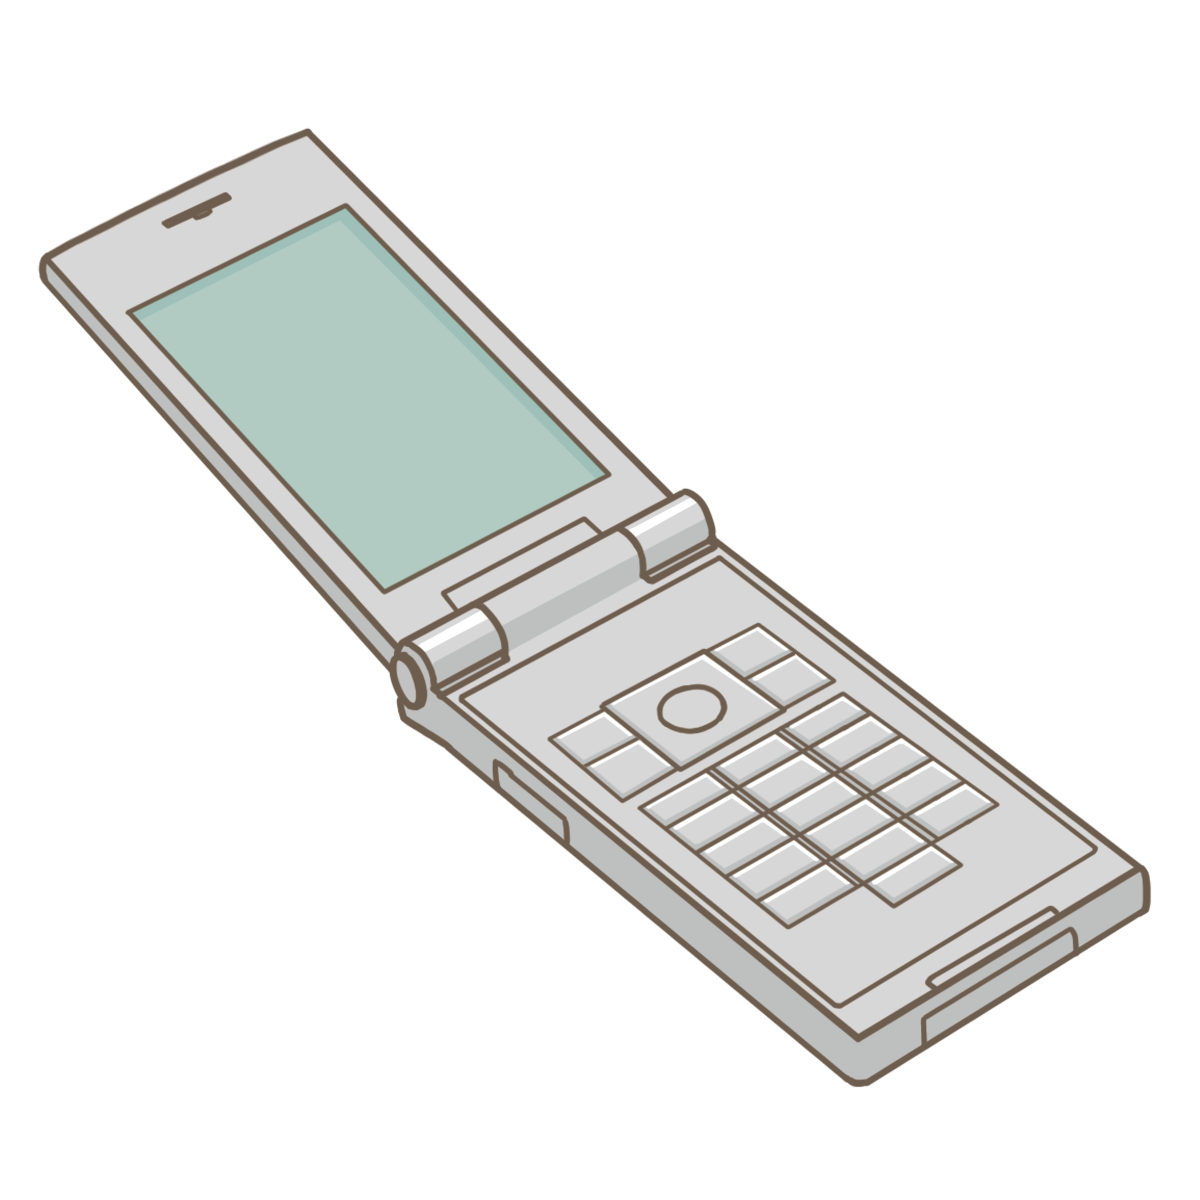 携帯電話のイラスト🎨【フリー素材】|看護roo![カンゴルー]